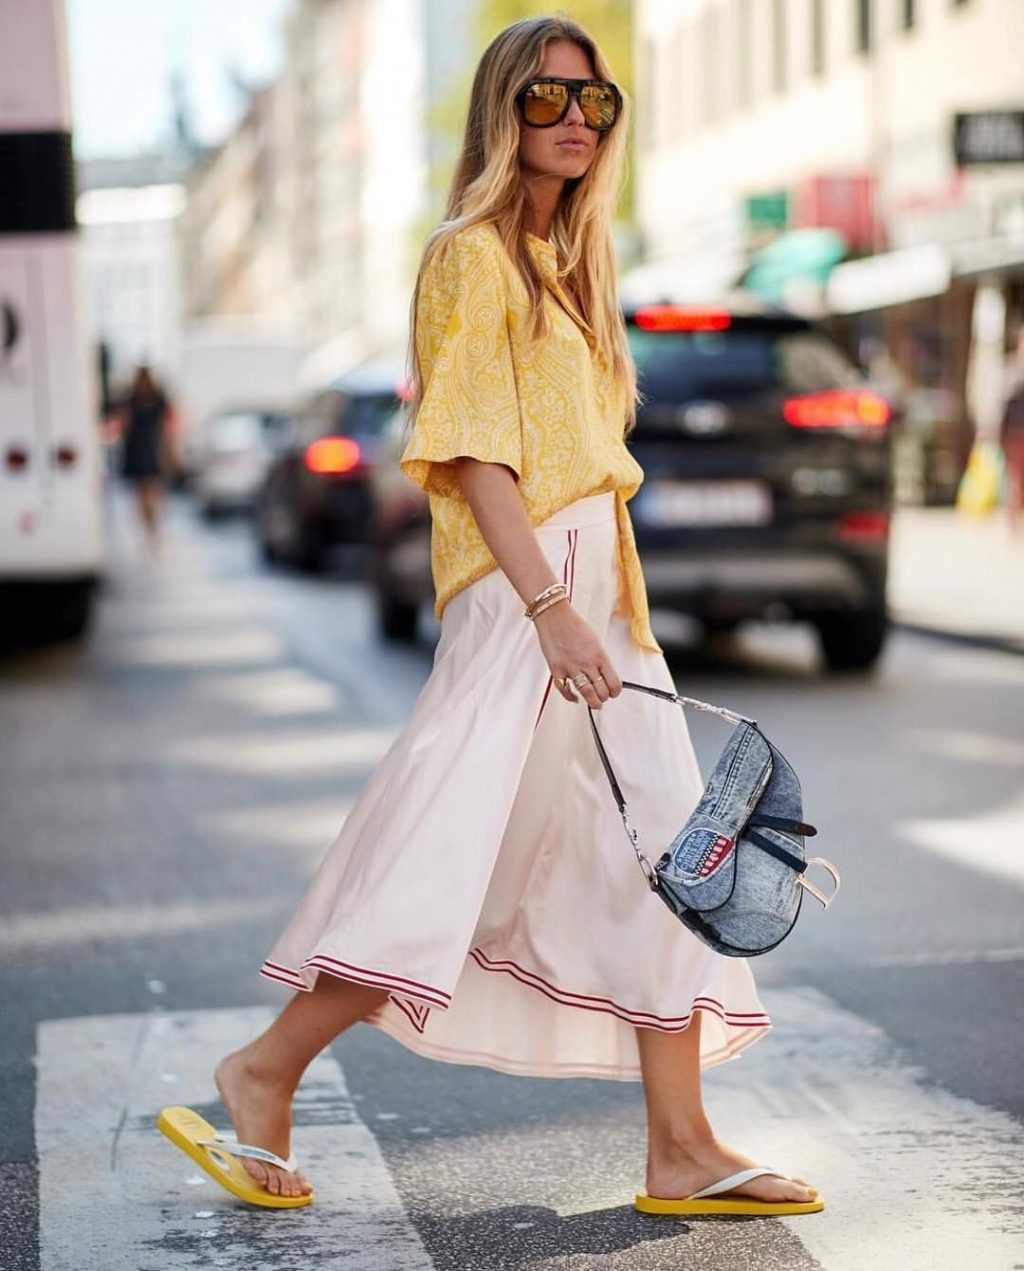 Dép xỏ ngón kết hợp cùng túi xách Dior và áo sơmi vàng